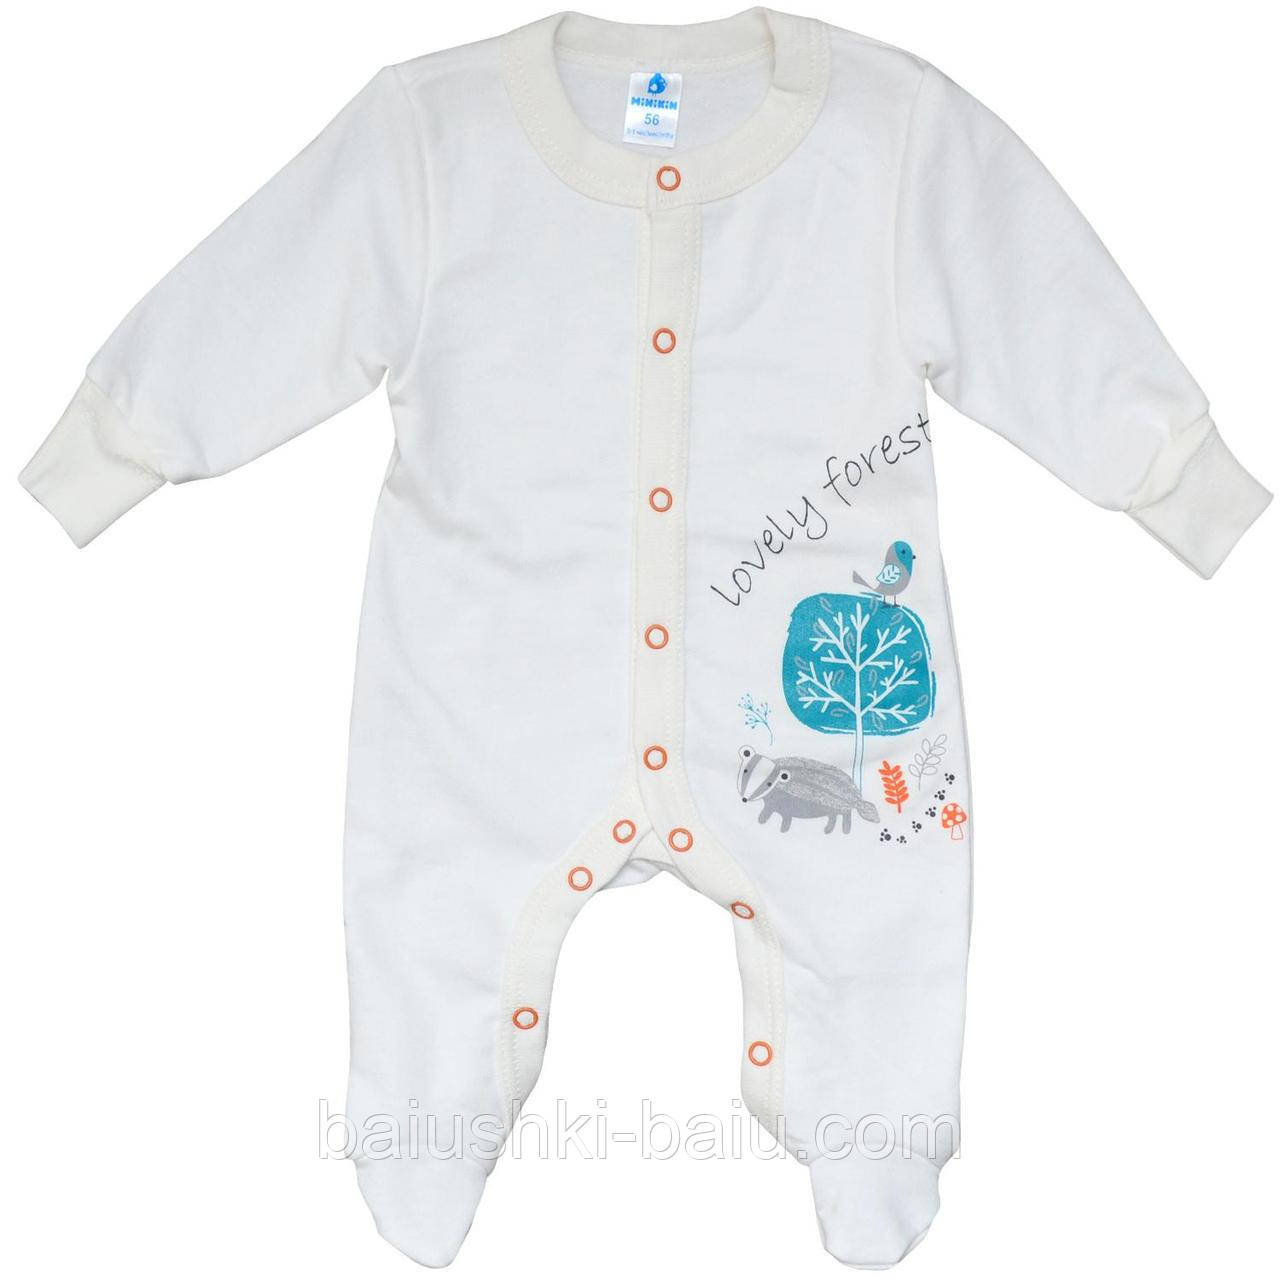 Человечек теплый для новорожденного ребенка, р. 68 (футер)